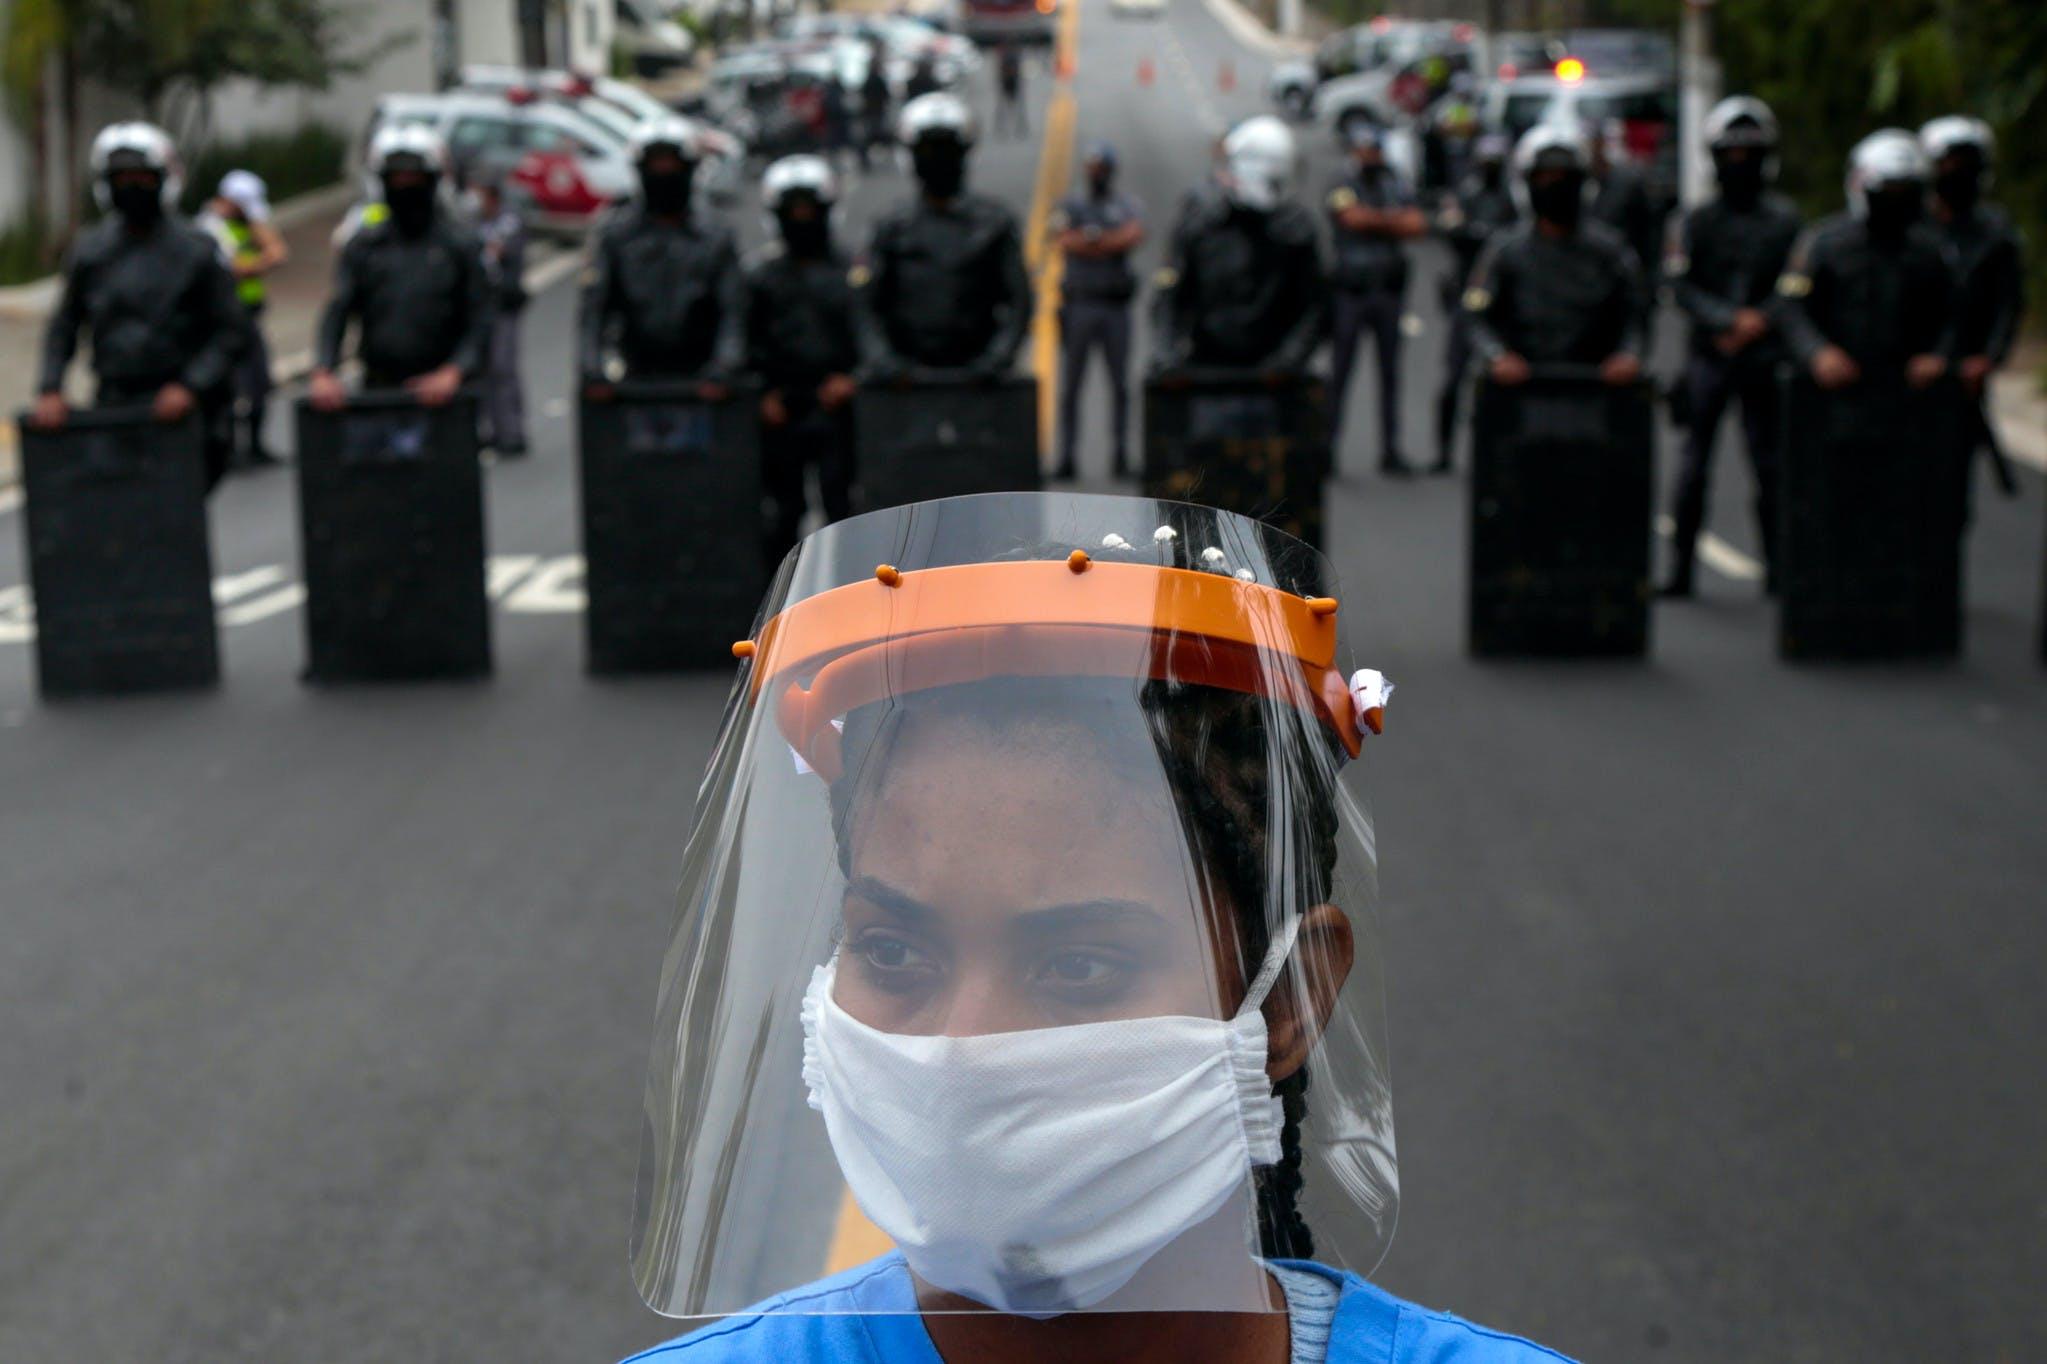 Une habitante de Paraisopolis, l'un des plus grands bidonvilles de la ville, participe à une manifestation à Sao Paulo, au Brésil, le 18 mai 2020, pour demander plus d'aide au gouvernement de l'État de Sao Paulo pendant la pandémie de coronavirus COVID-19.